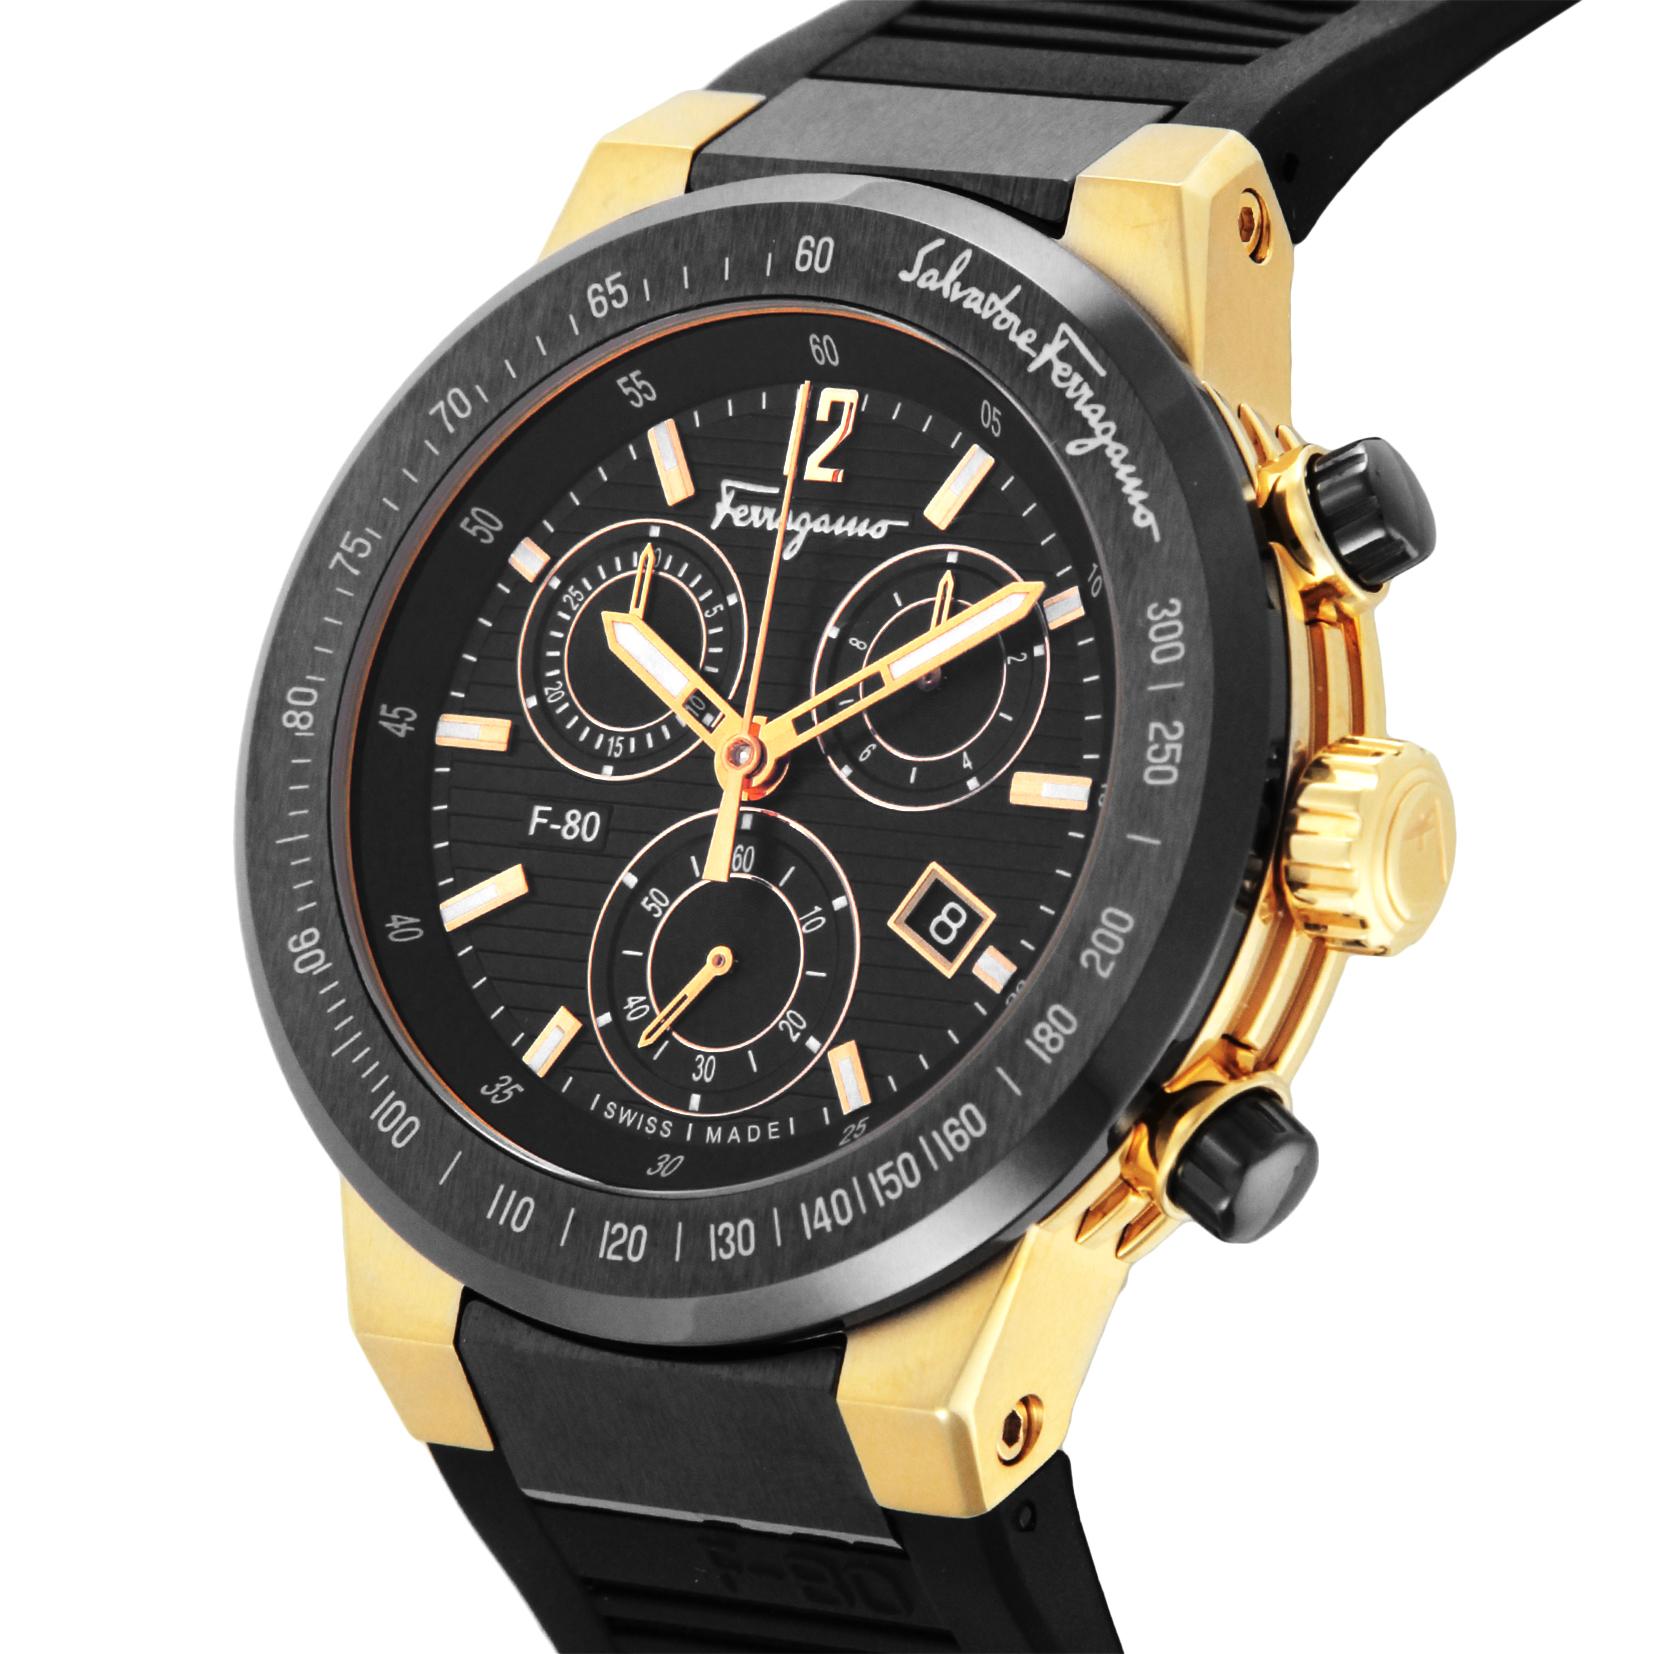 フェラガモ Ferragamo 腕時計 メンズ F55LCQ75909S113 F-80: 腕時計|ブランドショップハピネス